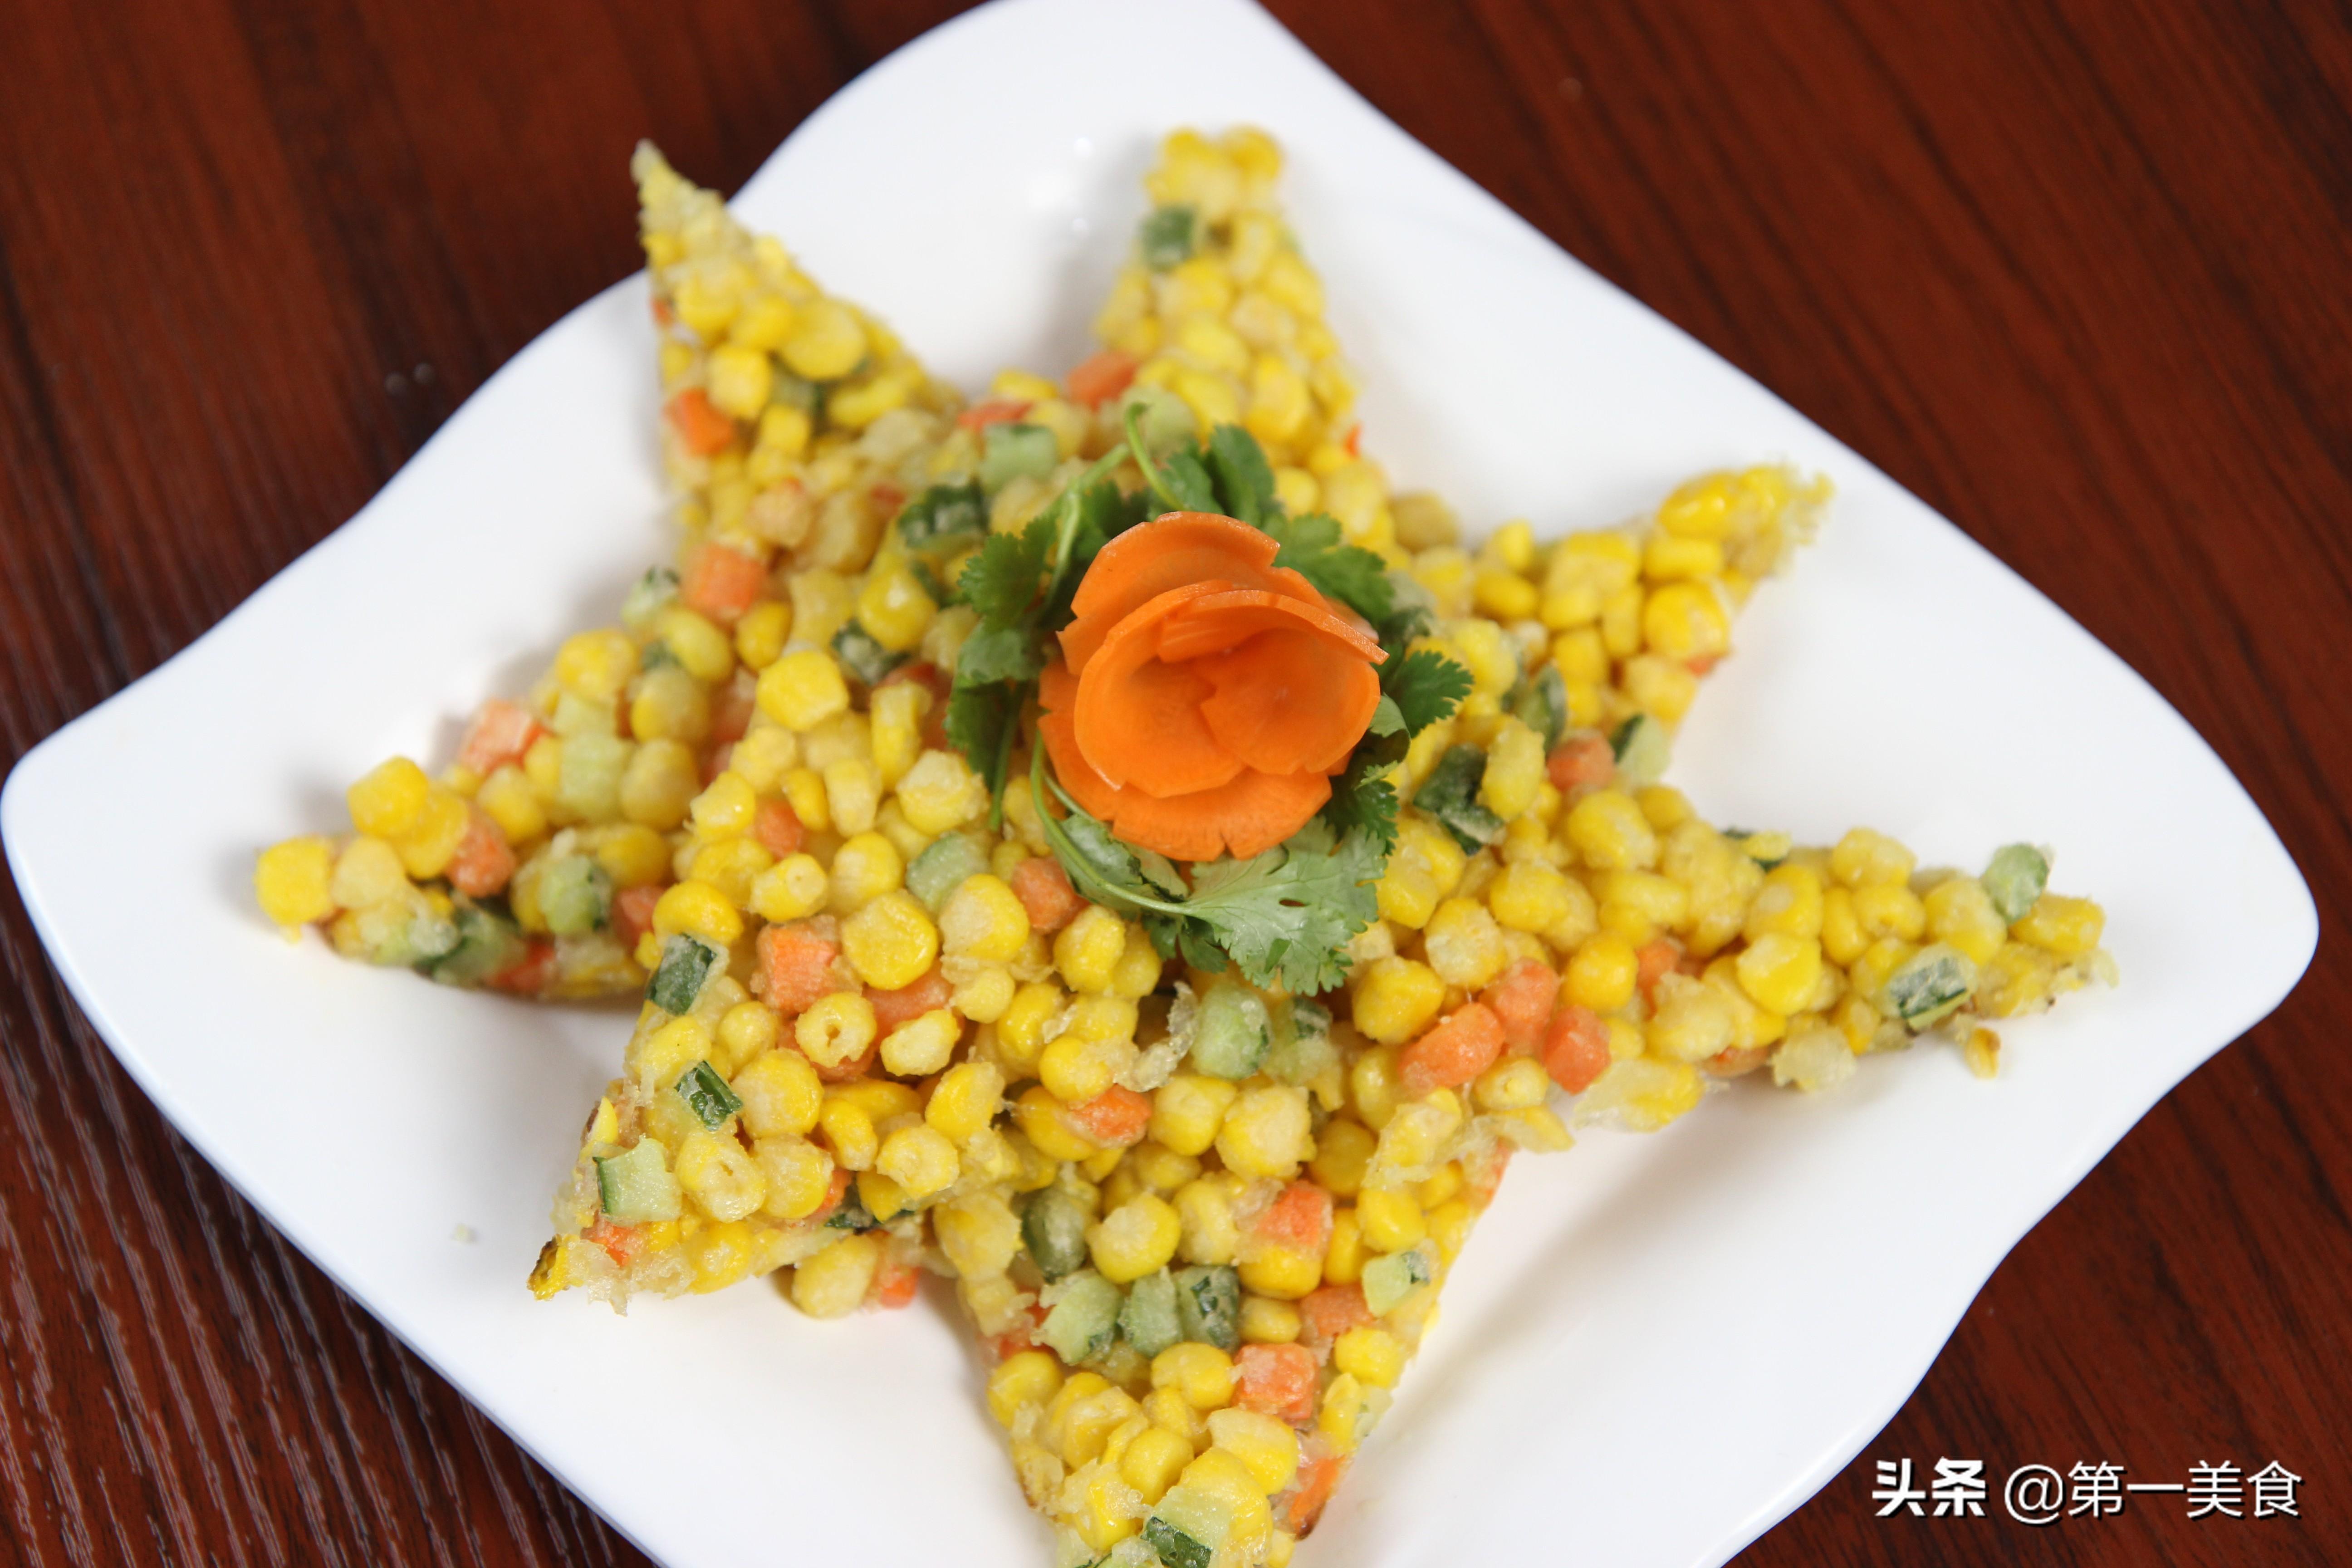 三色玉米烙 香甜酥脆 步骤详细